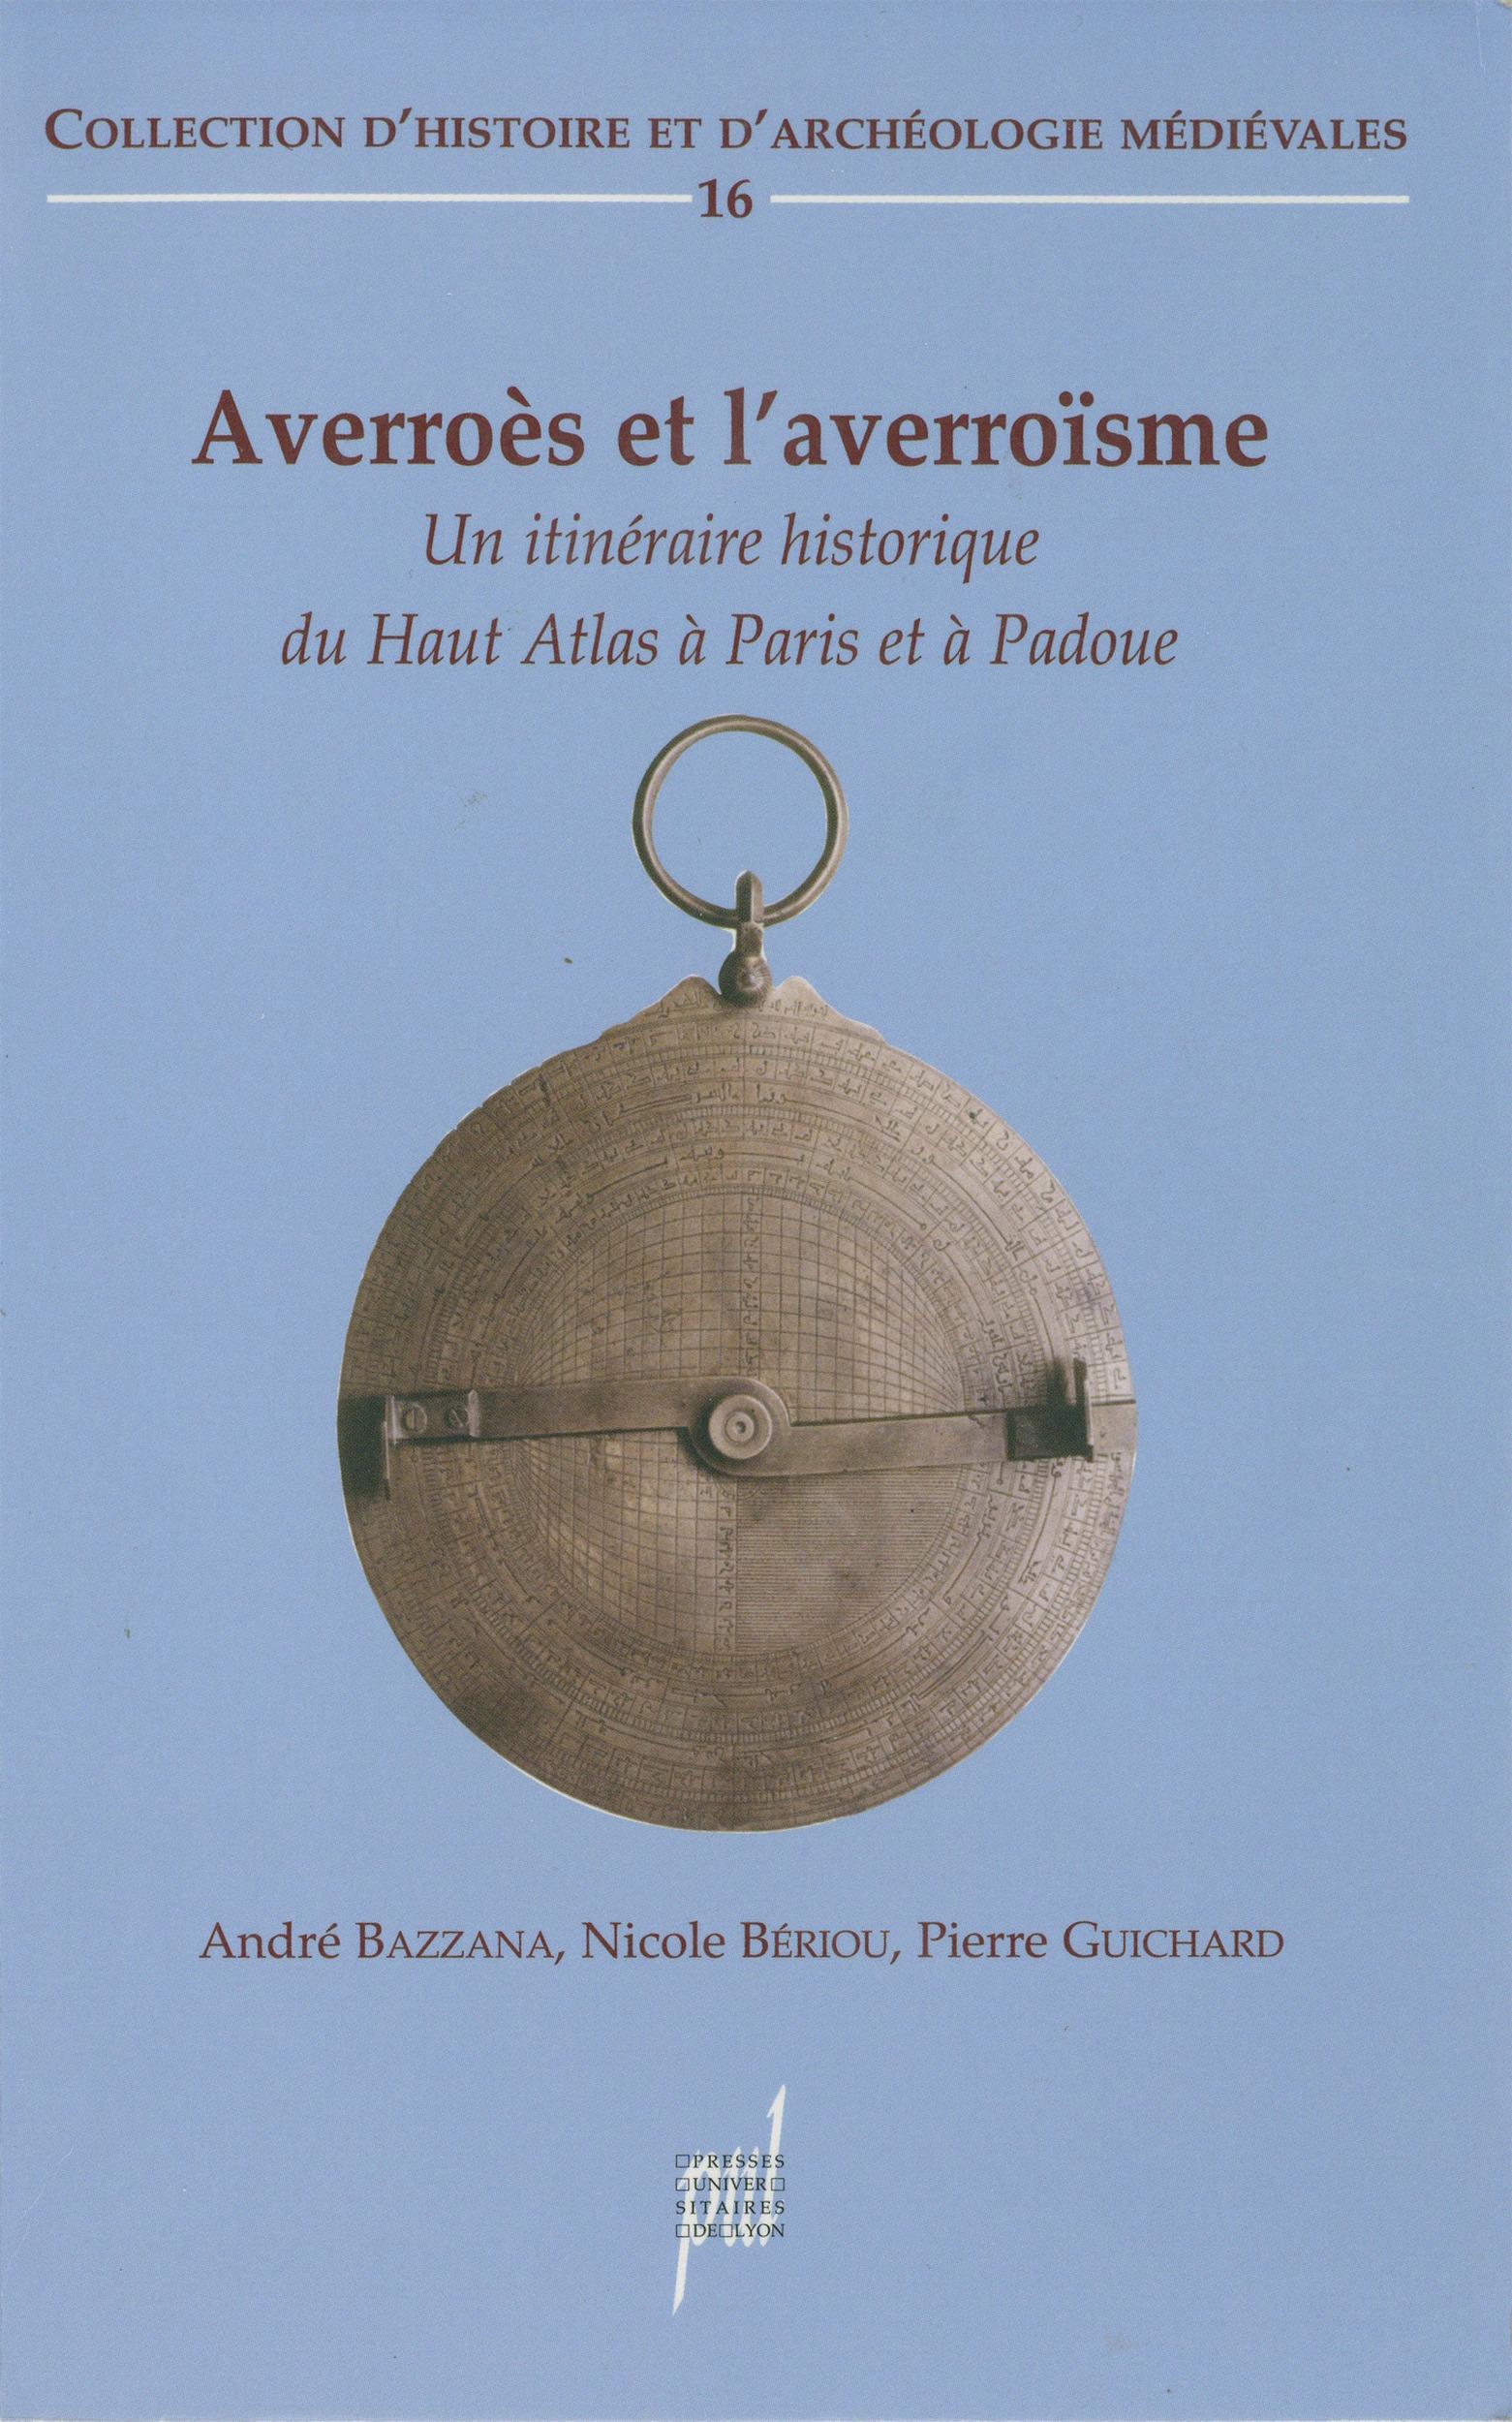 Averroes et l'averroisme - un itineraire historique du haut atlas a paris et a padoue